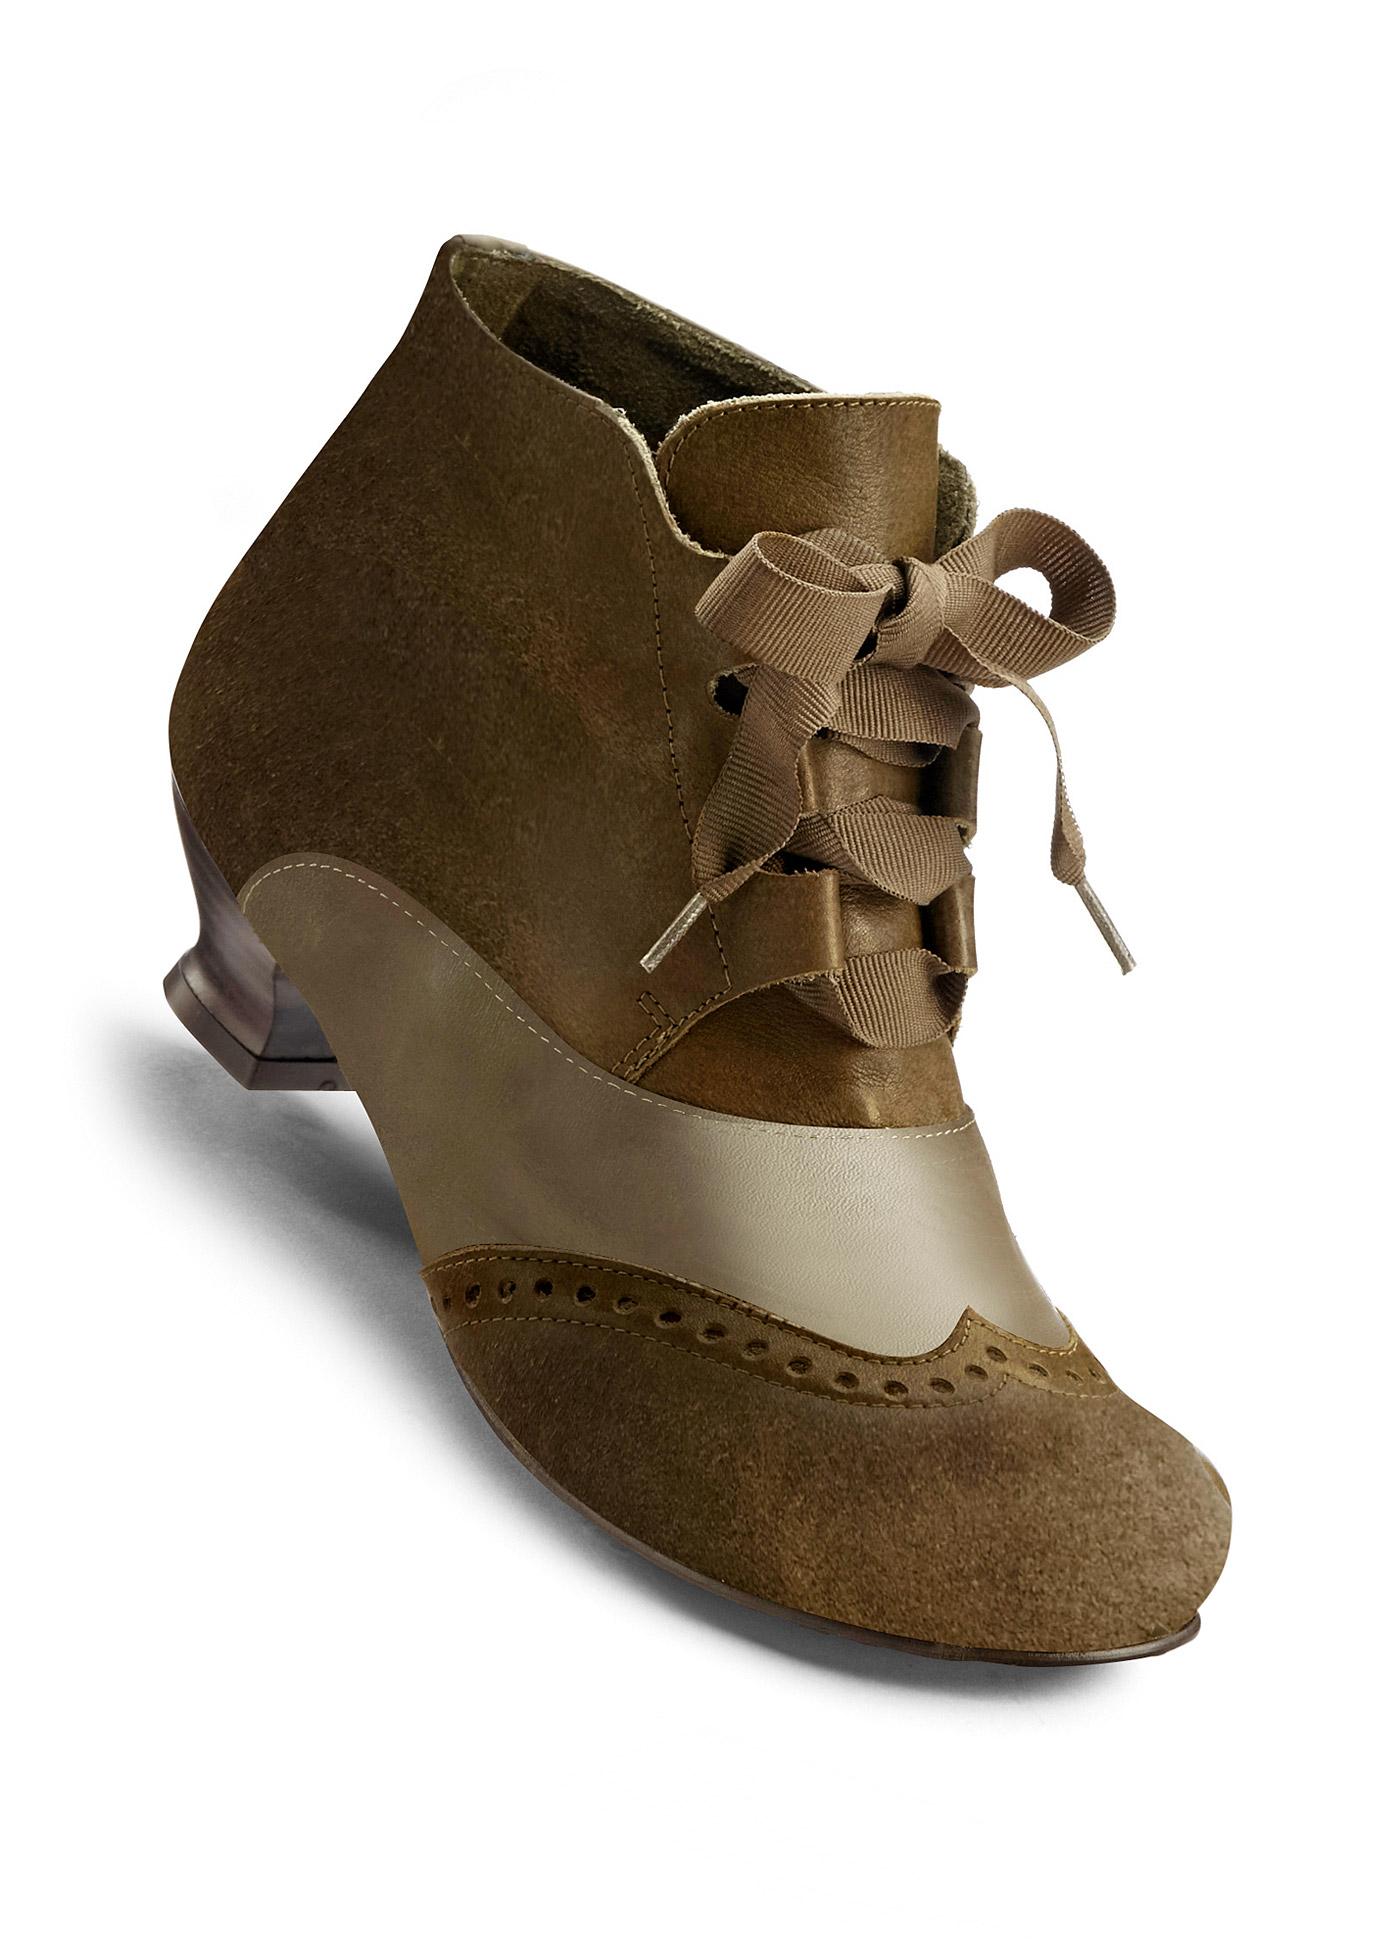 BioStep Lederstiefelette mit 4 cm Trichterabsatz in grün von bonprix Schuhe und Accessoires > Damenschuhe > Bequemschuhe